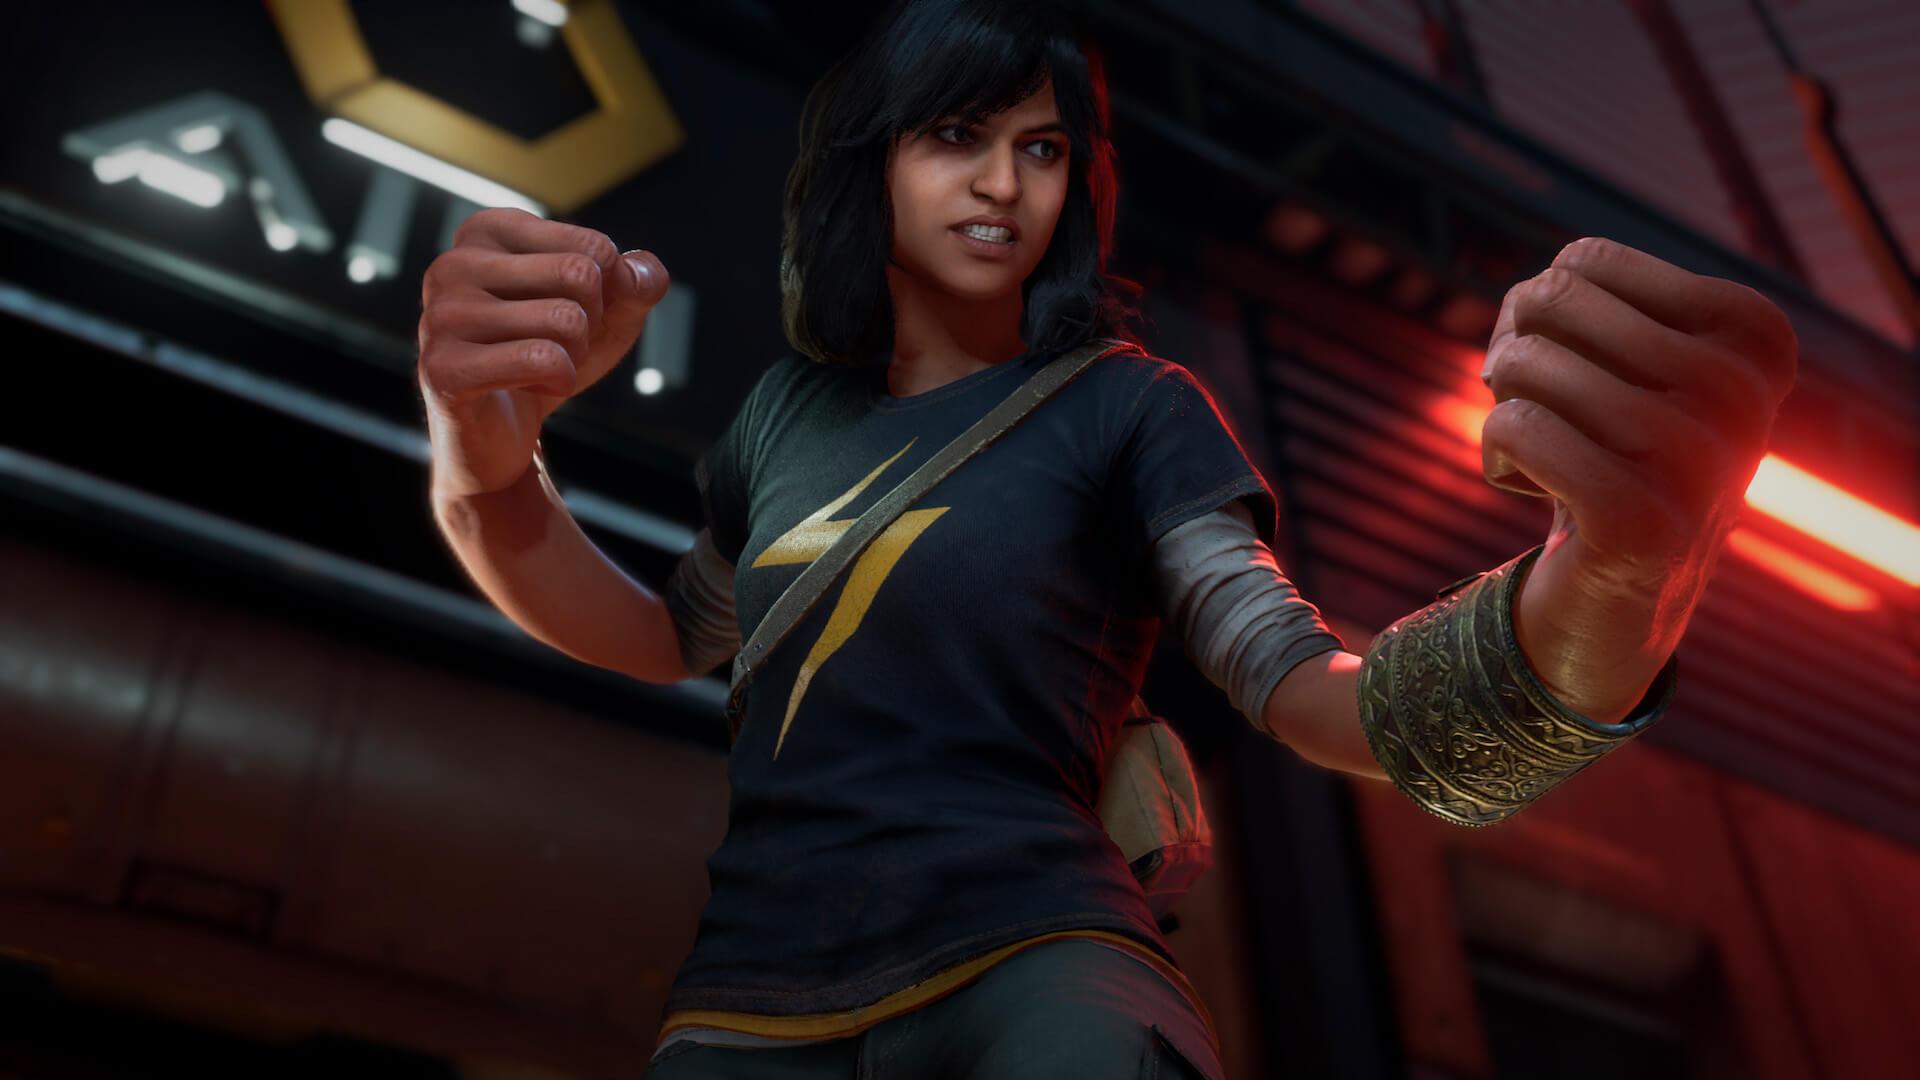 アベンジャーズ、ゲームでアッセンブル!『Marvel's Avengers』がついに予約受付開始&最新トレーラーも解禁 tech200417_avengers_game_15